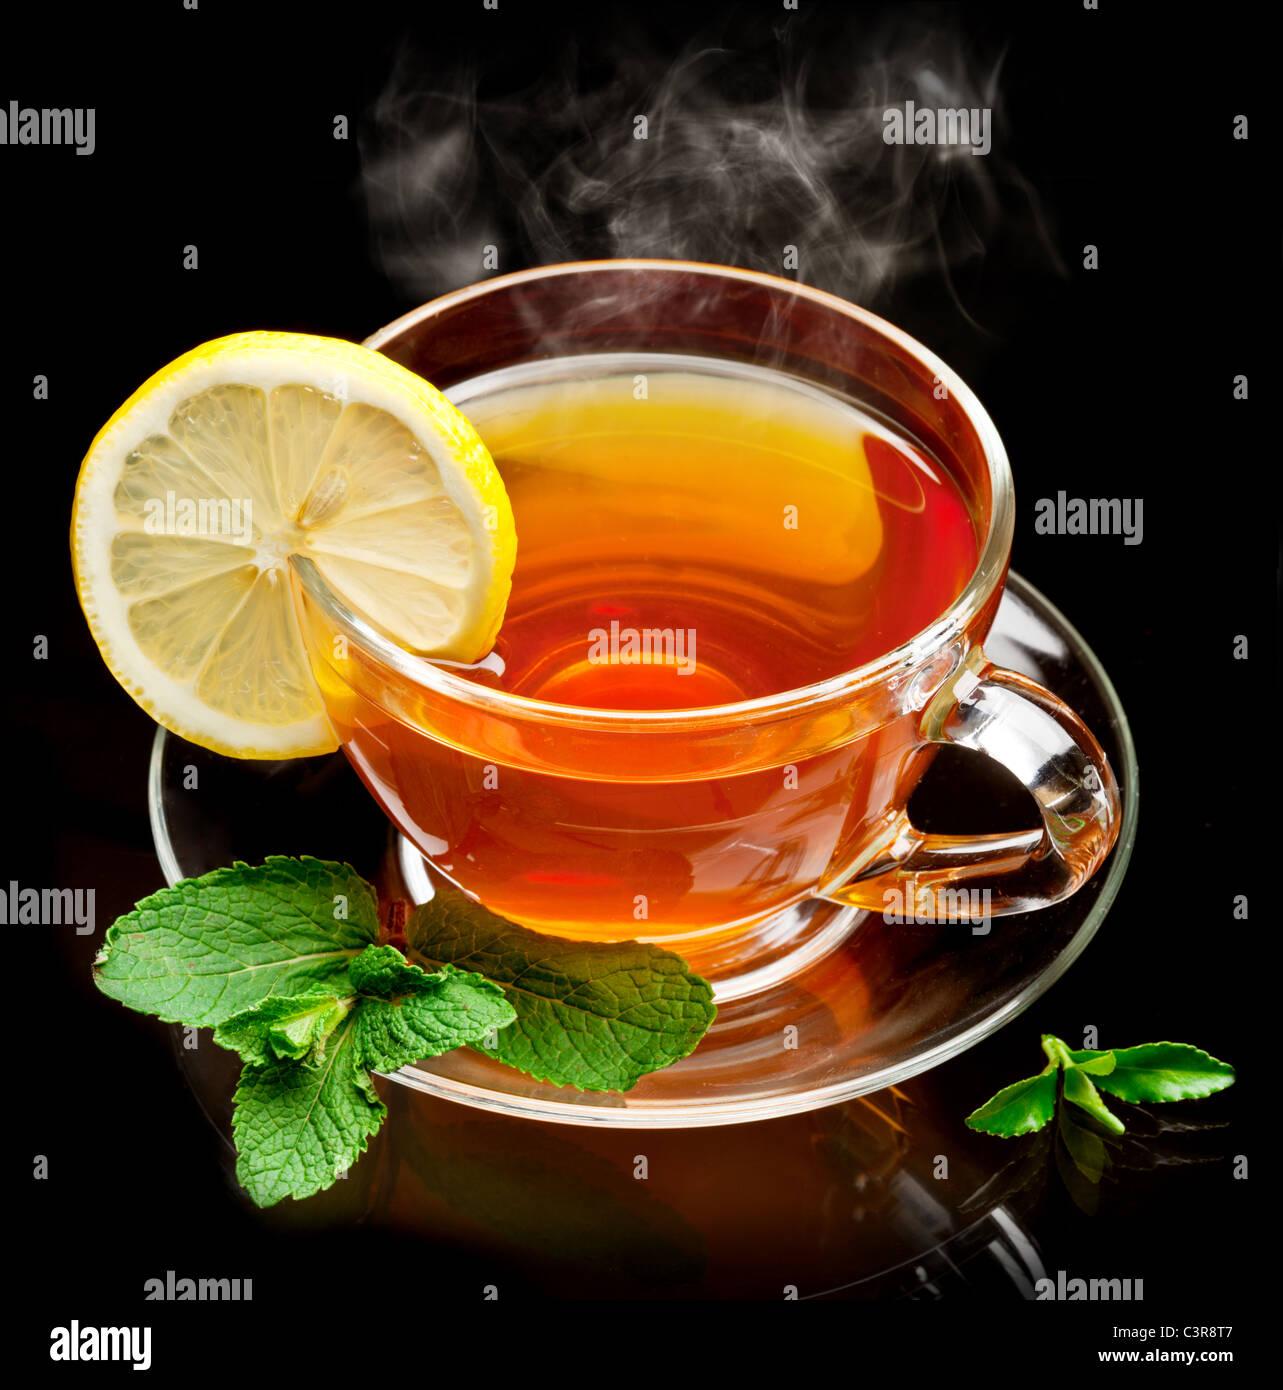 Tazza di tè alla menta e limone isolata su uno sfondo nero. Immagini Stock